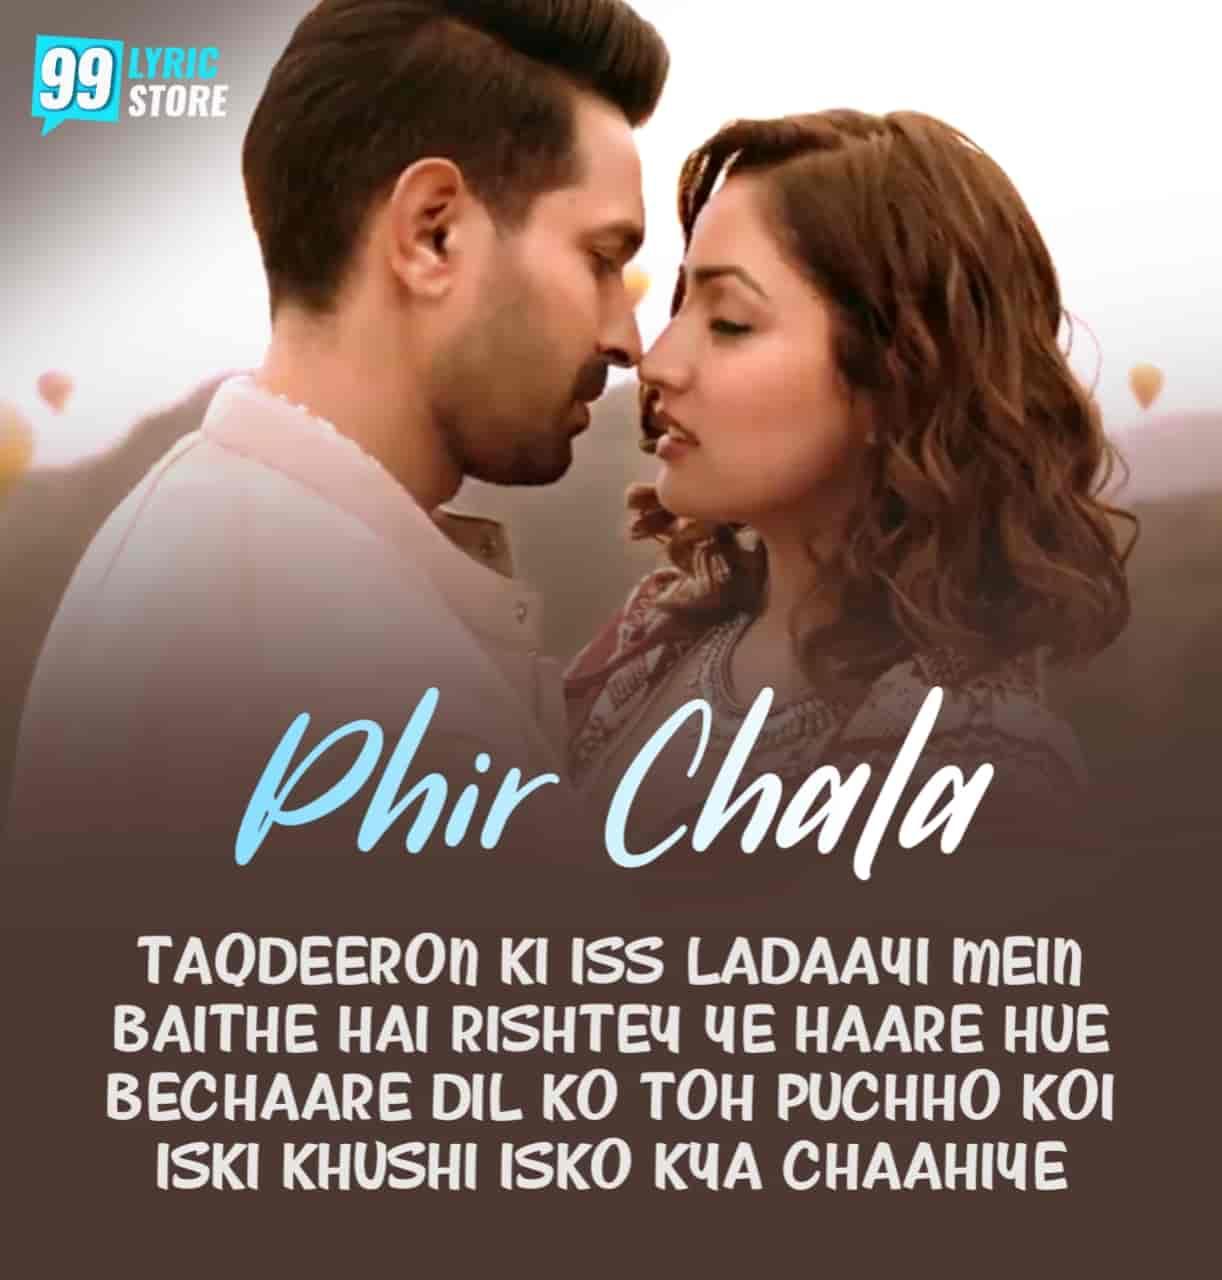 Phir Chala Hindi Song Image Features Yami Gautam and Vikrant Sung By Jubin Nautiyal